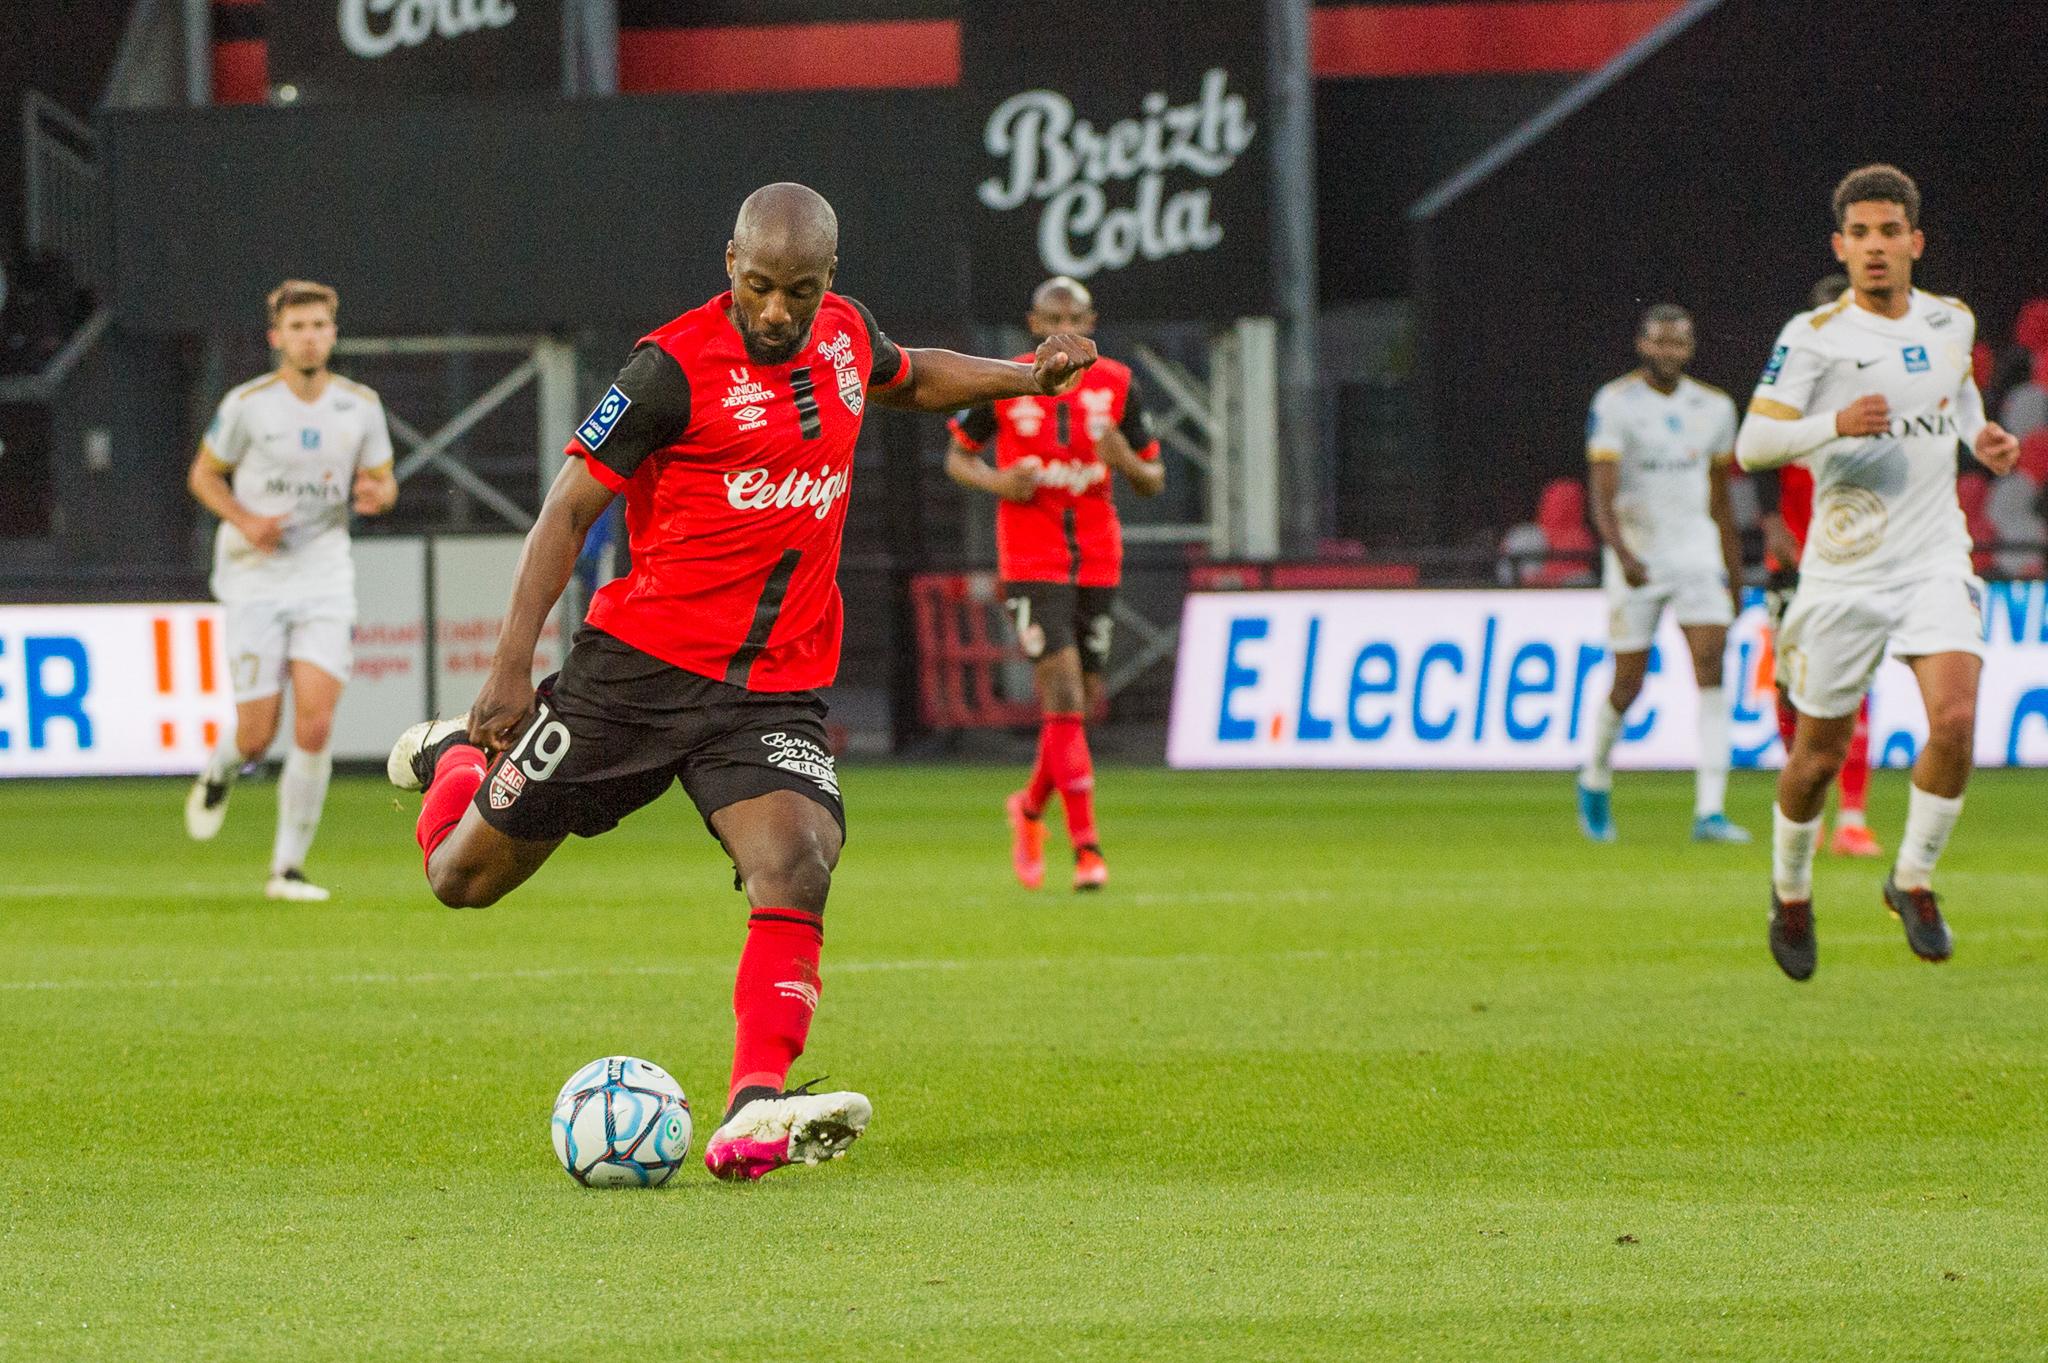 EA Guingamp La Berrichonne Châteauroux J37 Ligue 2 BKT EAGLBC 2-0 Stade de Roudourou FRA_5763